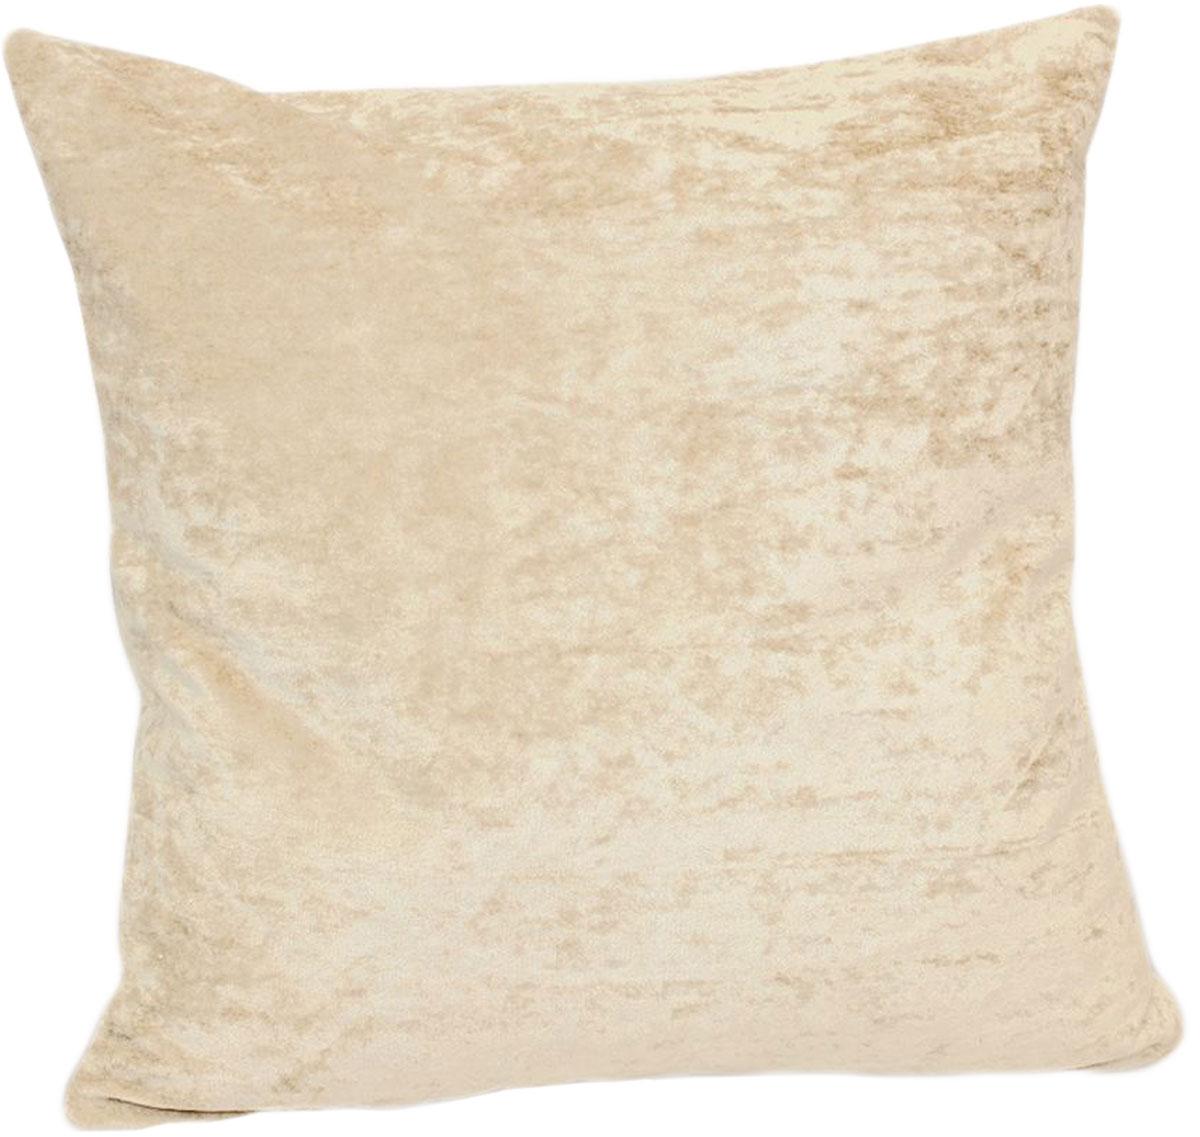 """Декоративная подушка """"Бархат"""" прекрасно дополнит интерьер спальни или гостиной. Бархатистый на ощупь чехол подушки выполнен из 49% вискозы, 42% хлопка и 9% полиэстера. Внутри находится мягкий наполнитель. Чехол легко снимается благодаря потайной молнии."""